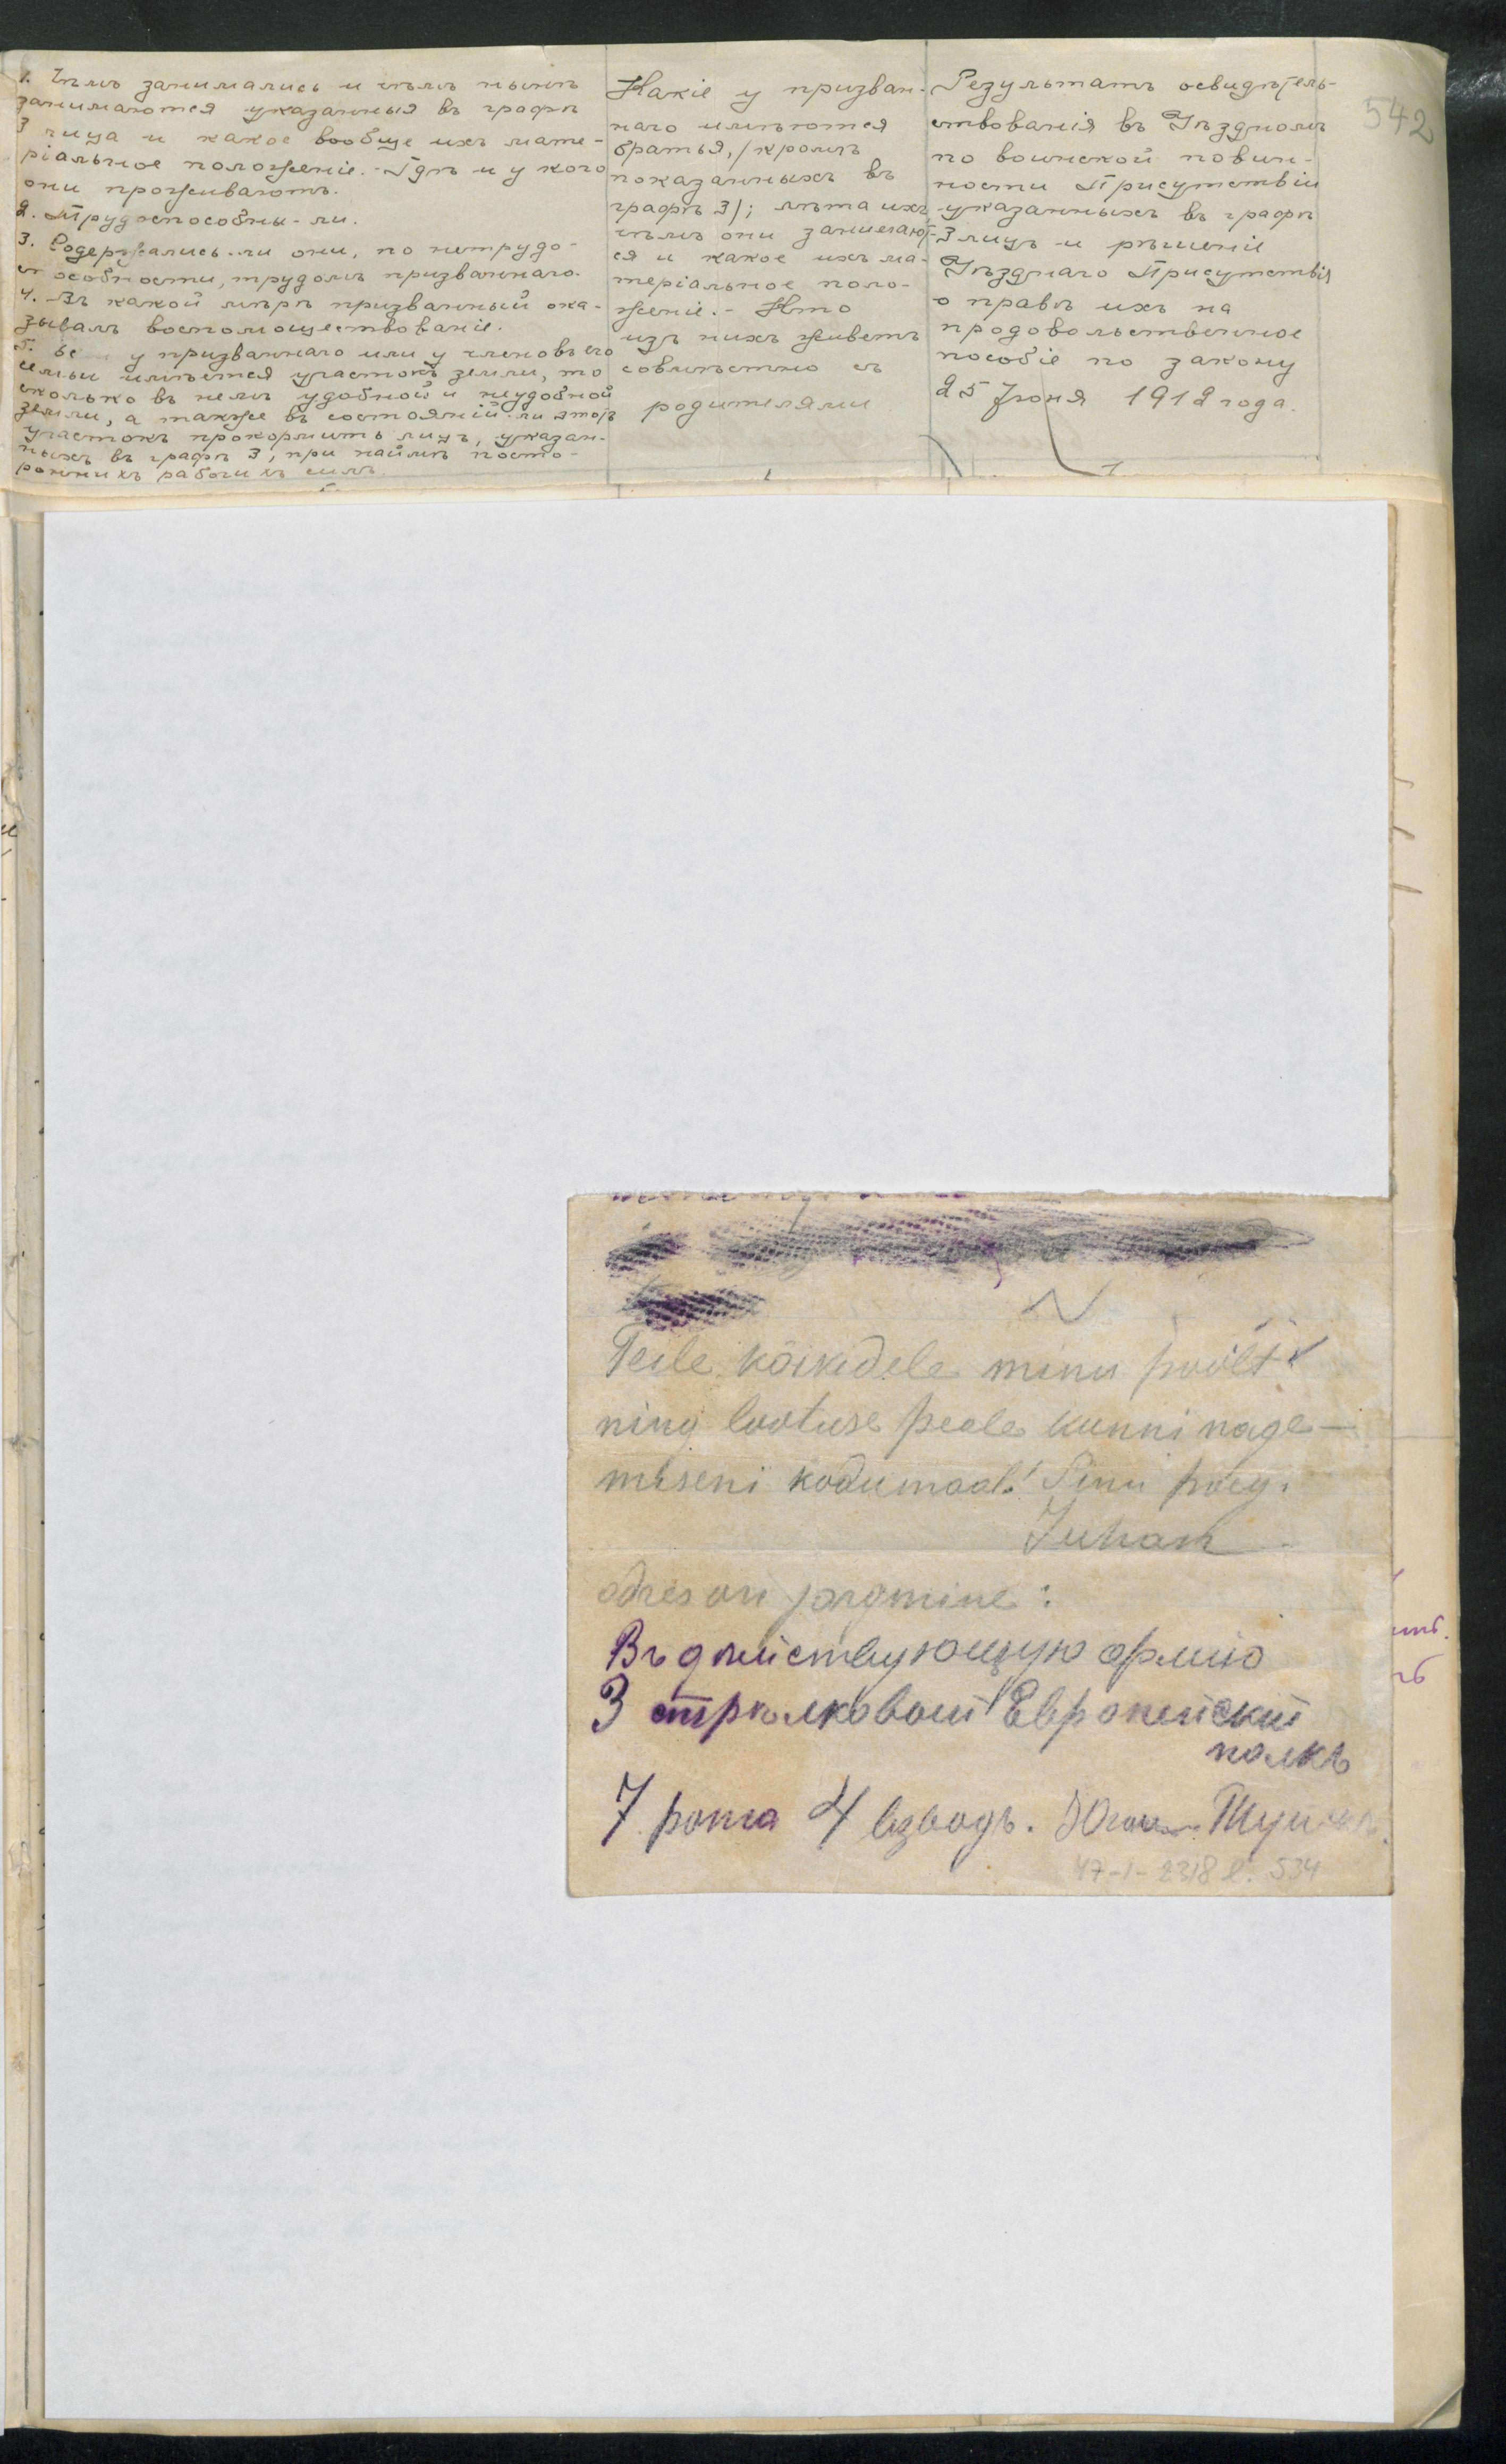 Euroopa 3. kütipolgus teeniva Juhan Tuisu kiri emale rindelt. EAA.47.1.2318